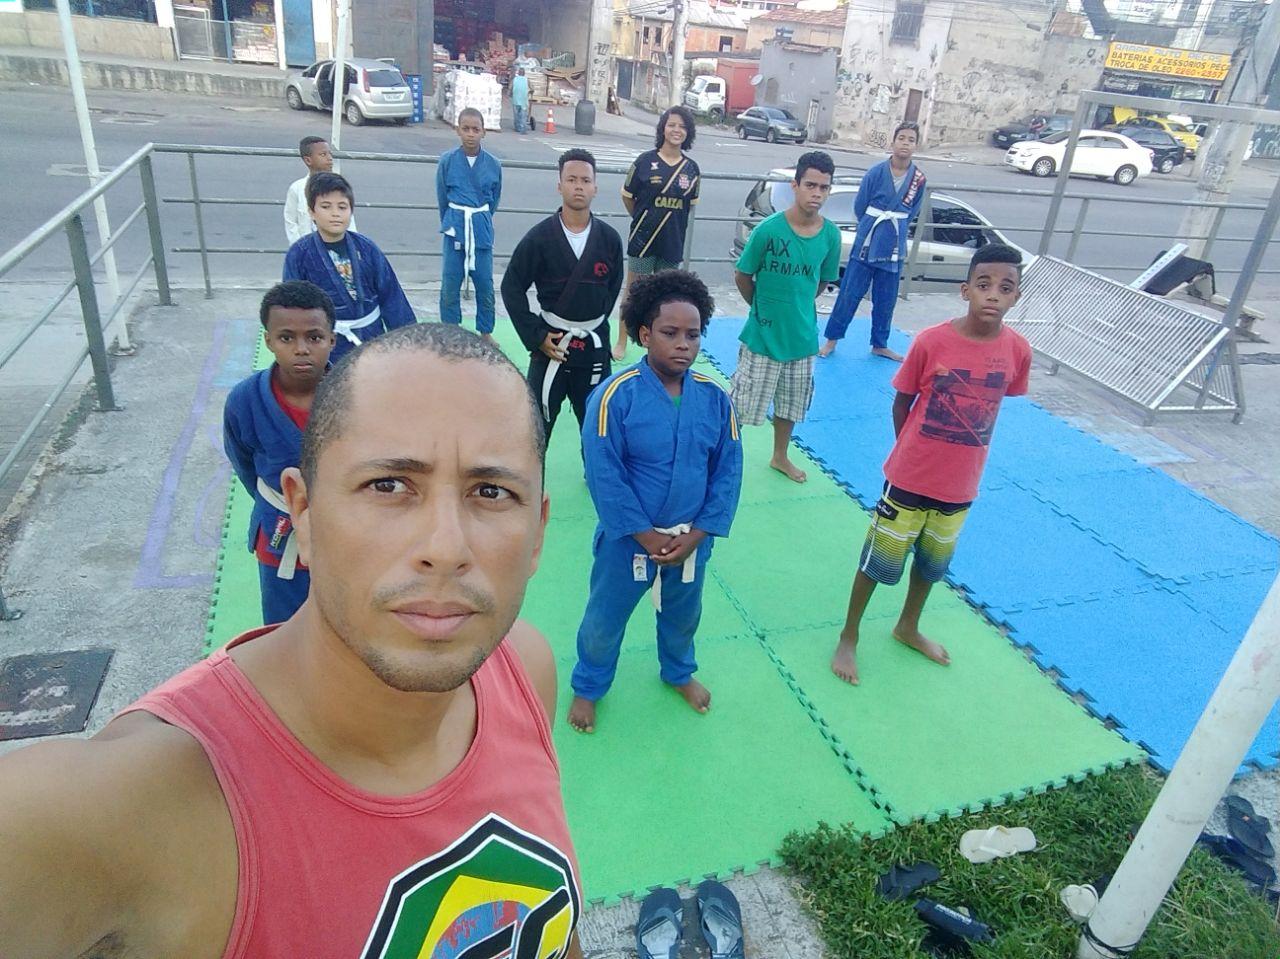 Projeto social do Alemão arrecada fundos para disputar campeonato de jiu-jitsu